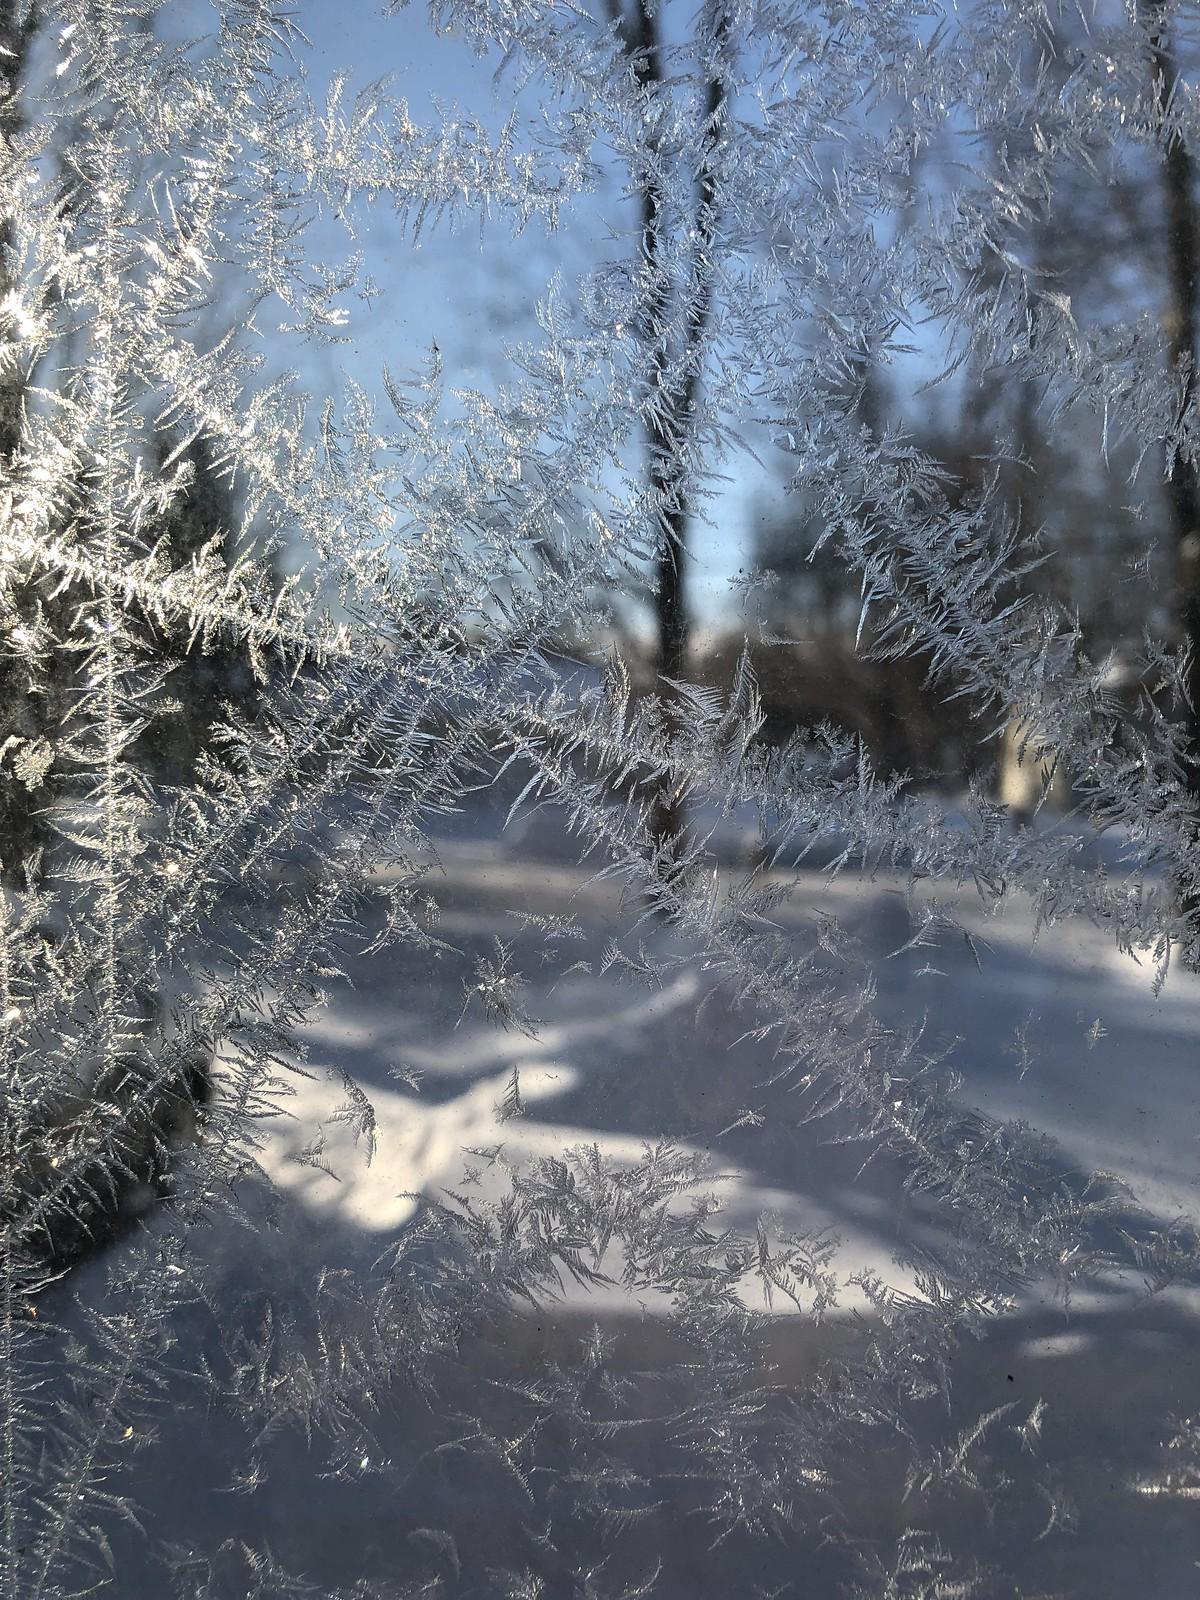 So sick of being frozen!